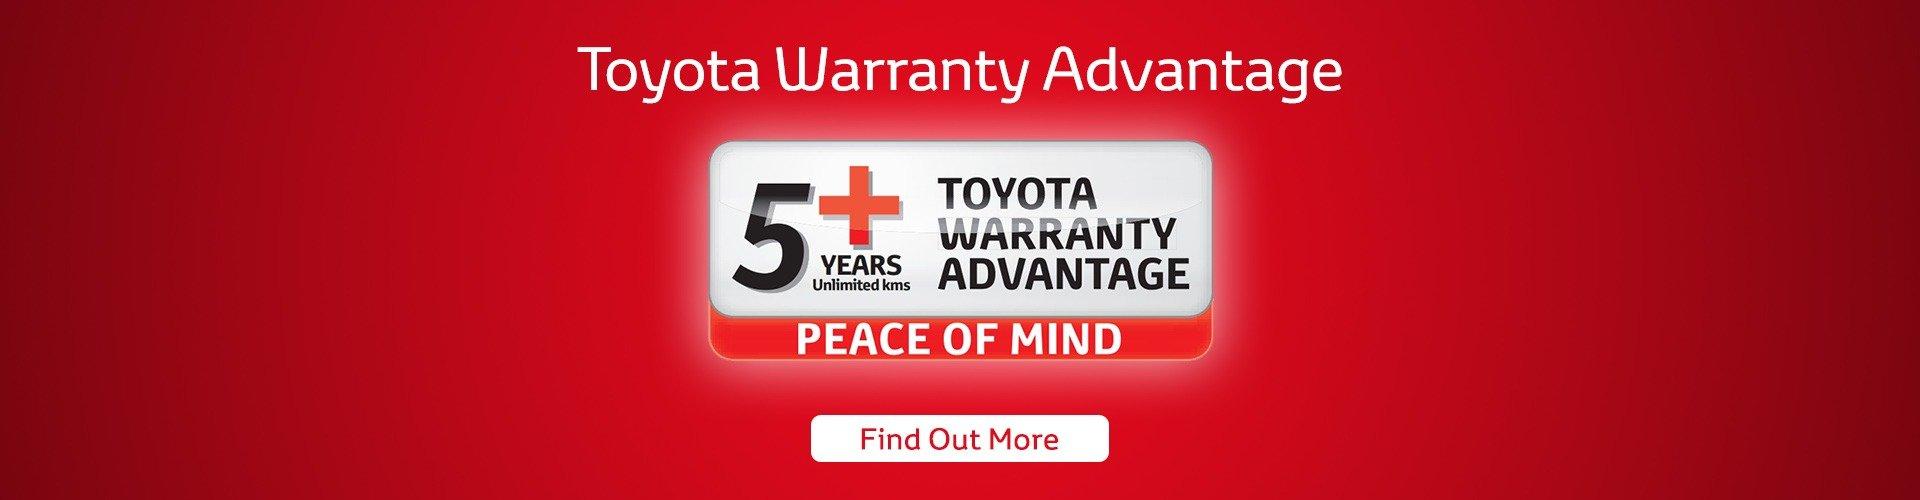 Toyota Warranty Advantage